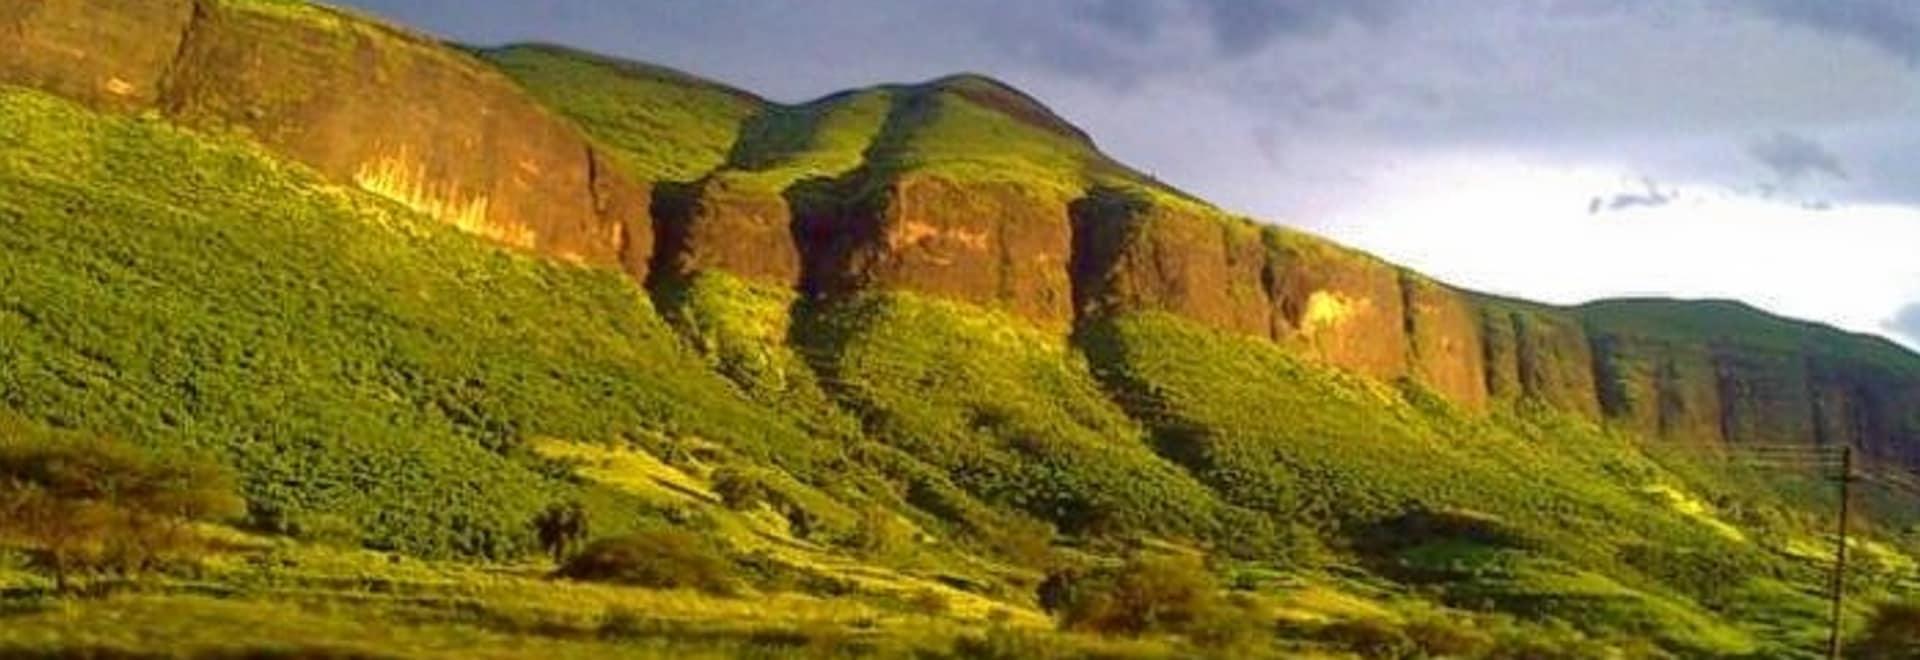 Igatpuri.jpg